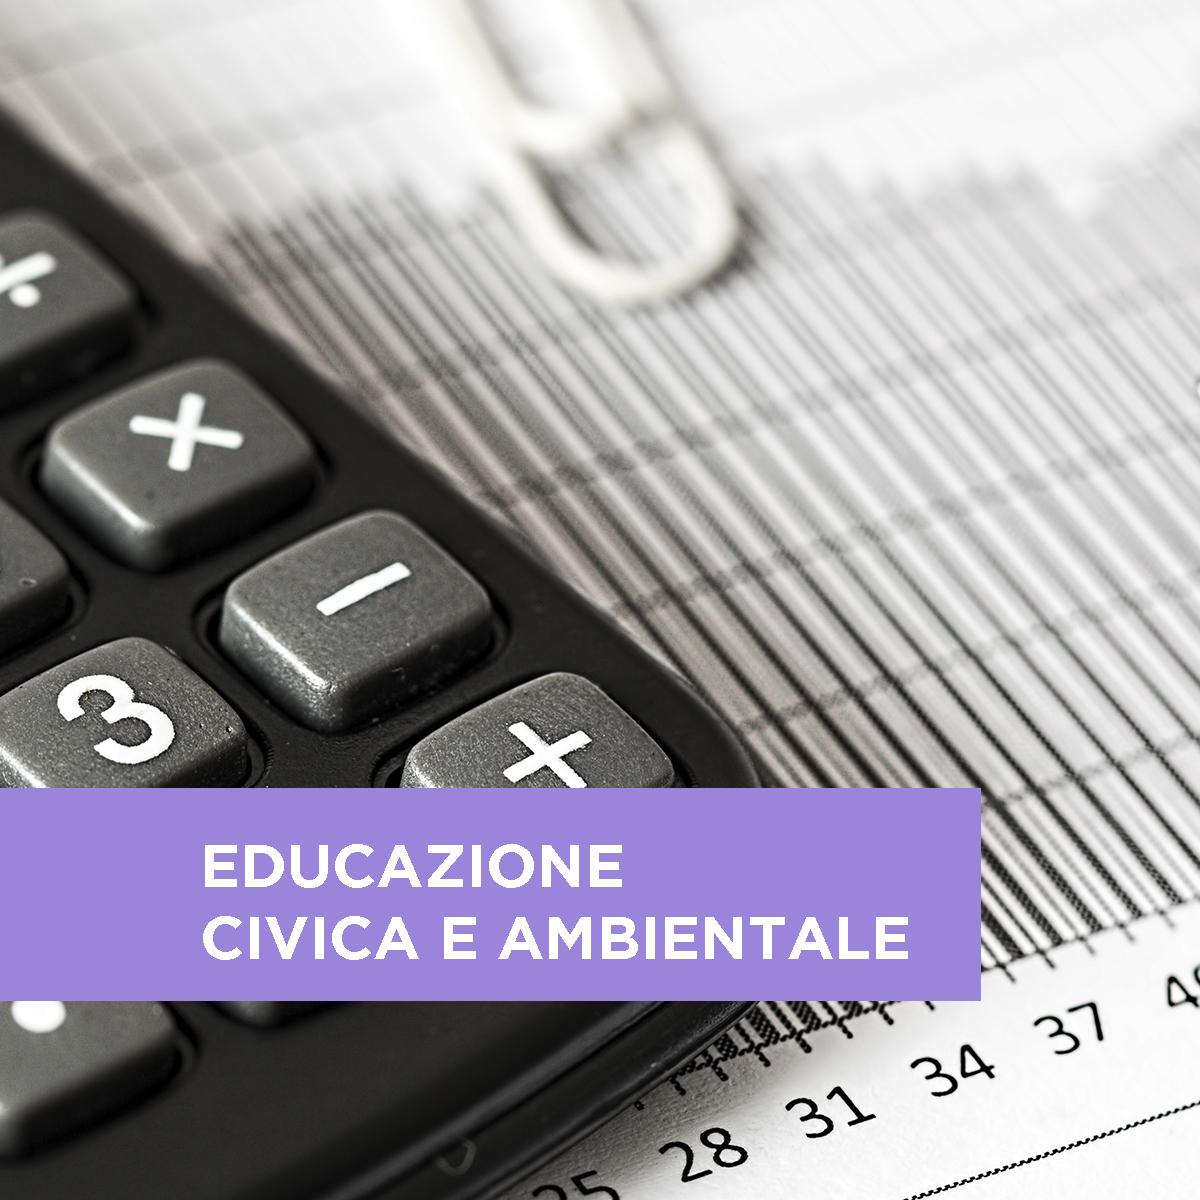 Cultura finanziaria e cittadinanza economica